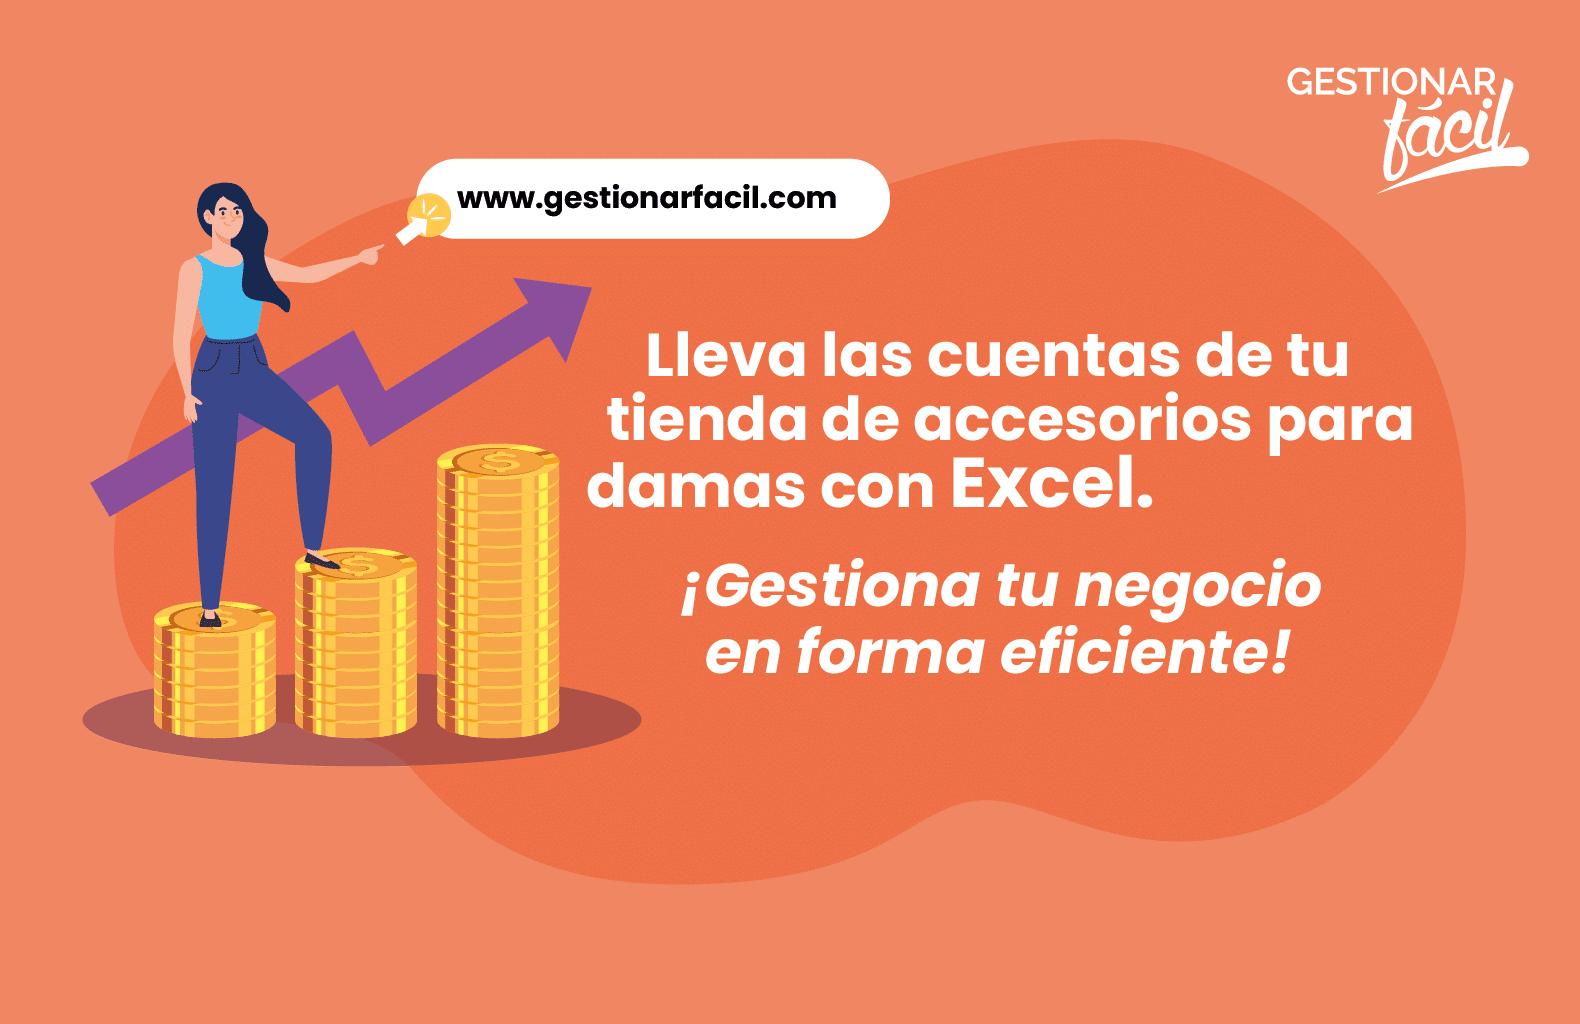 ¡Lleva las cuentas de tu tienda de accesorios para damas con Excel! Gestiona tu negocio en forma eficiente.